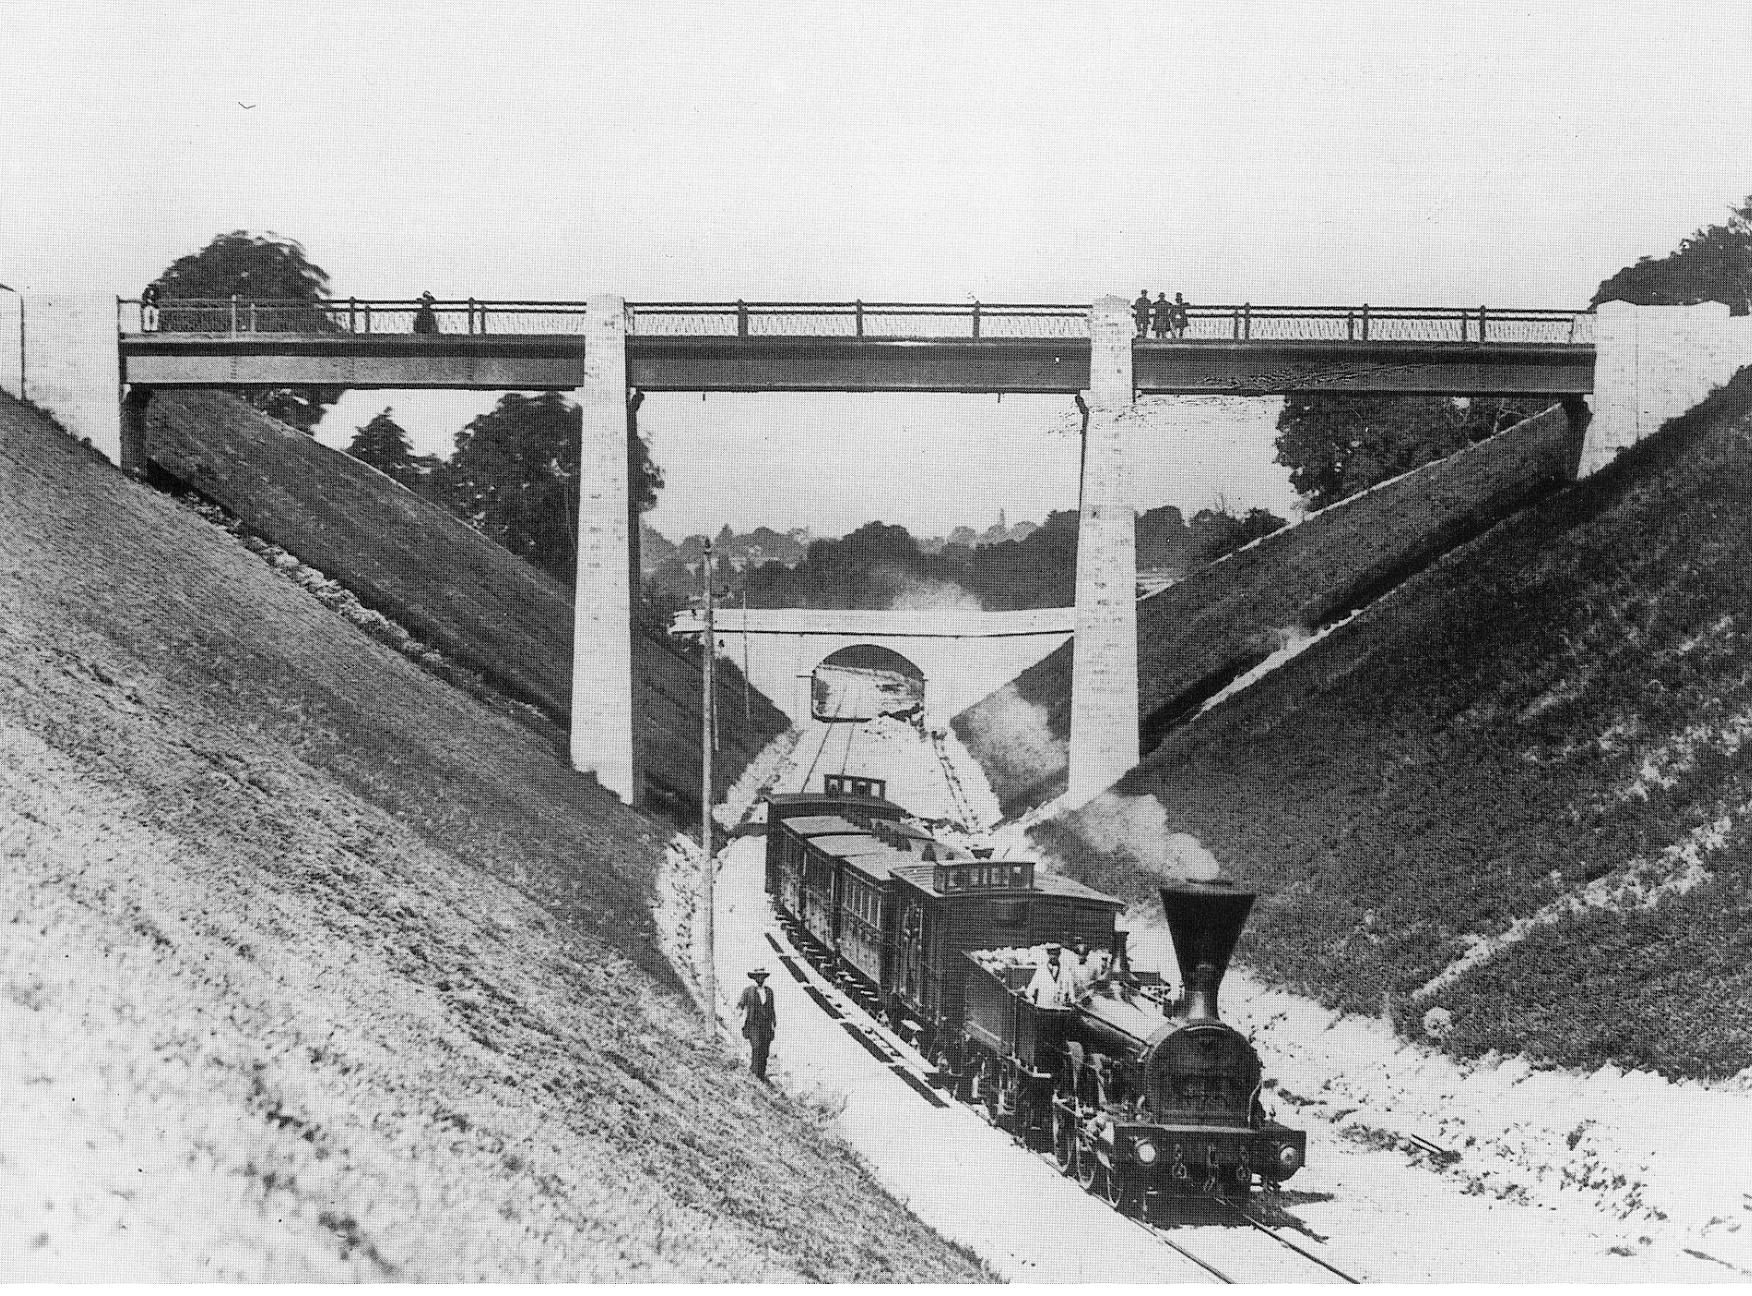 Train de la Société des Chemins de Fer de la Suisse Occidentale entre Lausanne et Renens, vers 1856